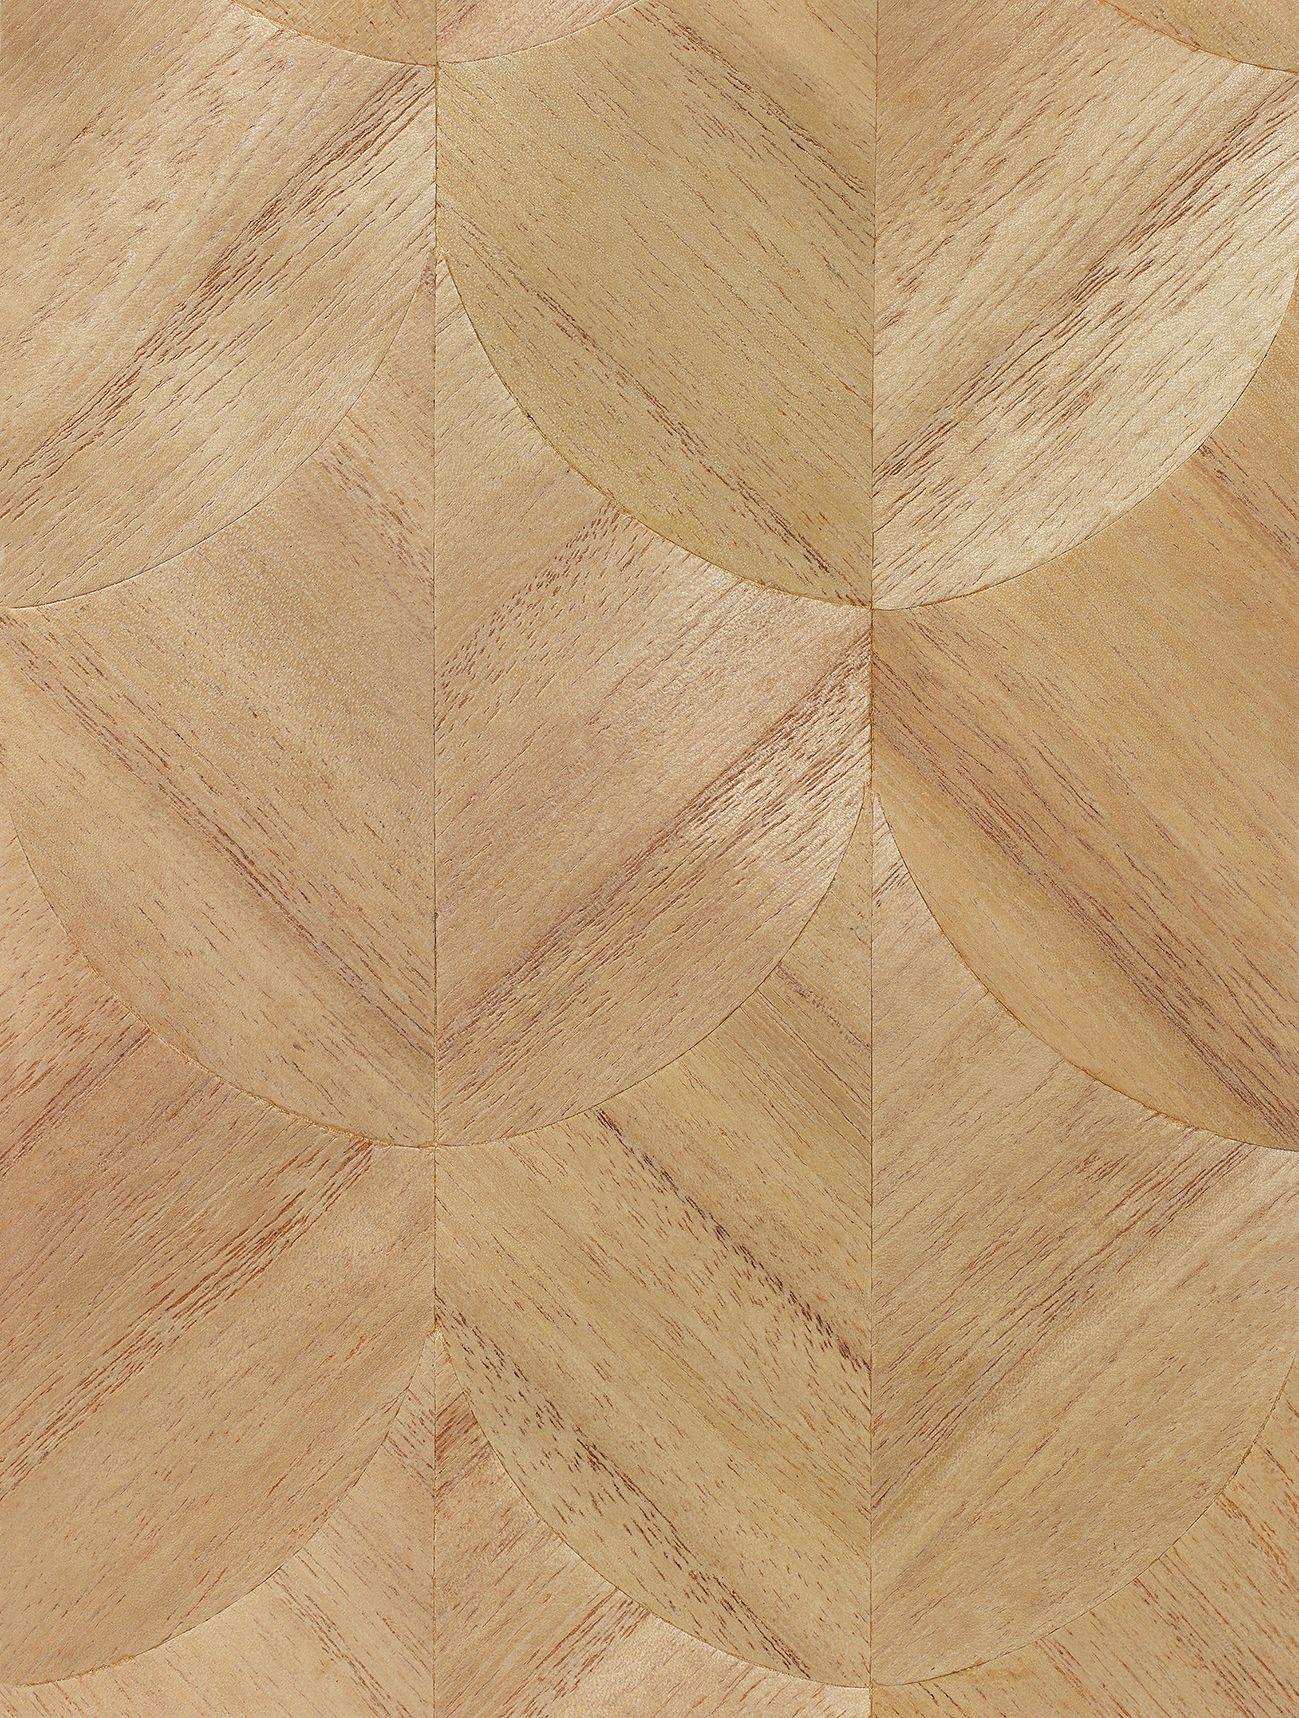 Wood Veneer Wall Covering Fameed Khalique In 2020 Wood Veneer Wall Covering Wood